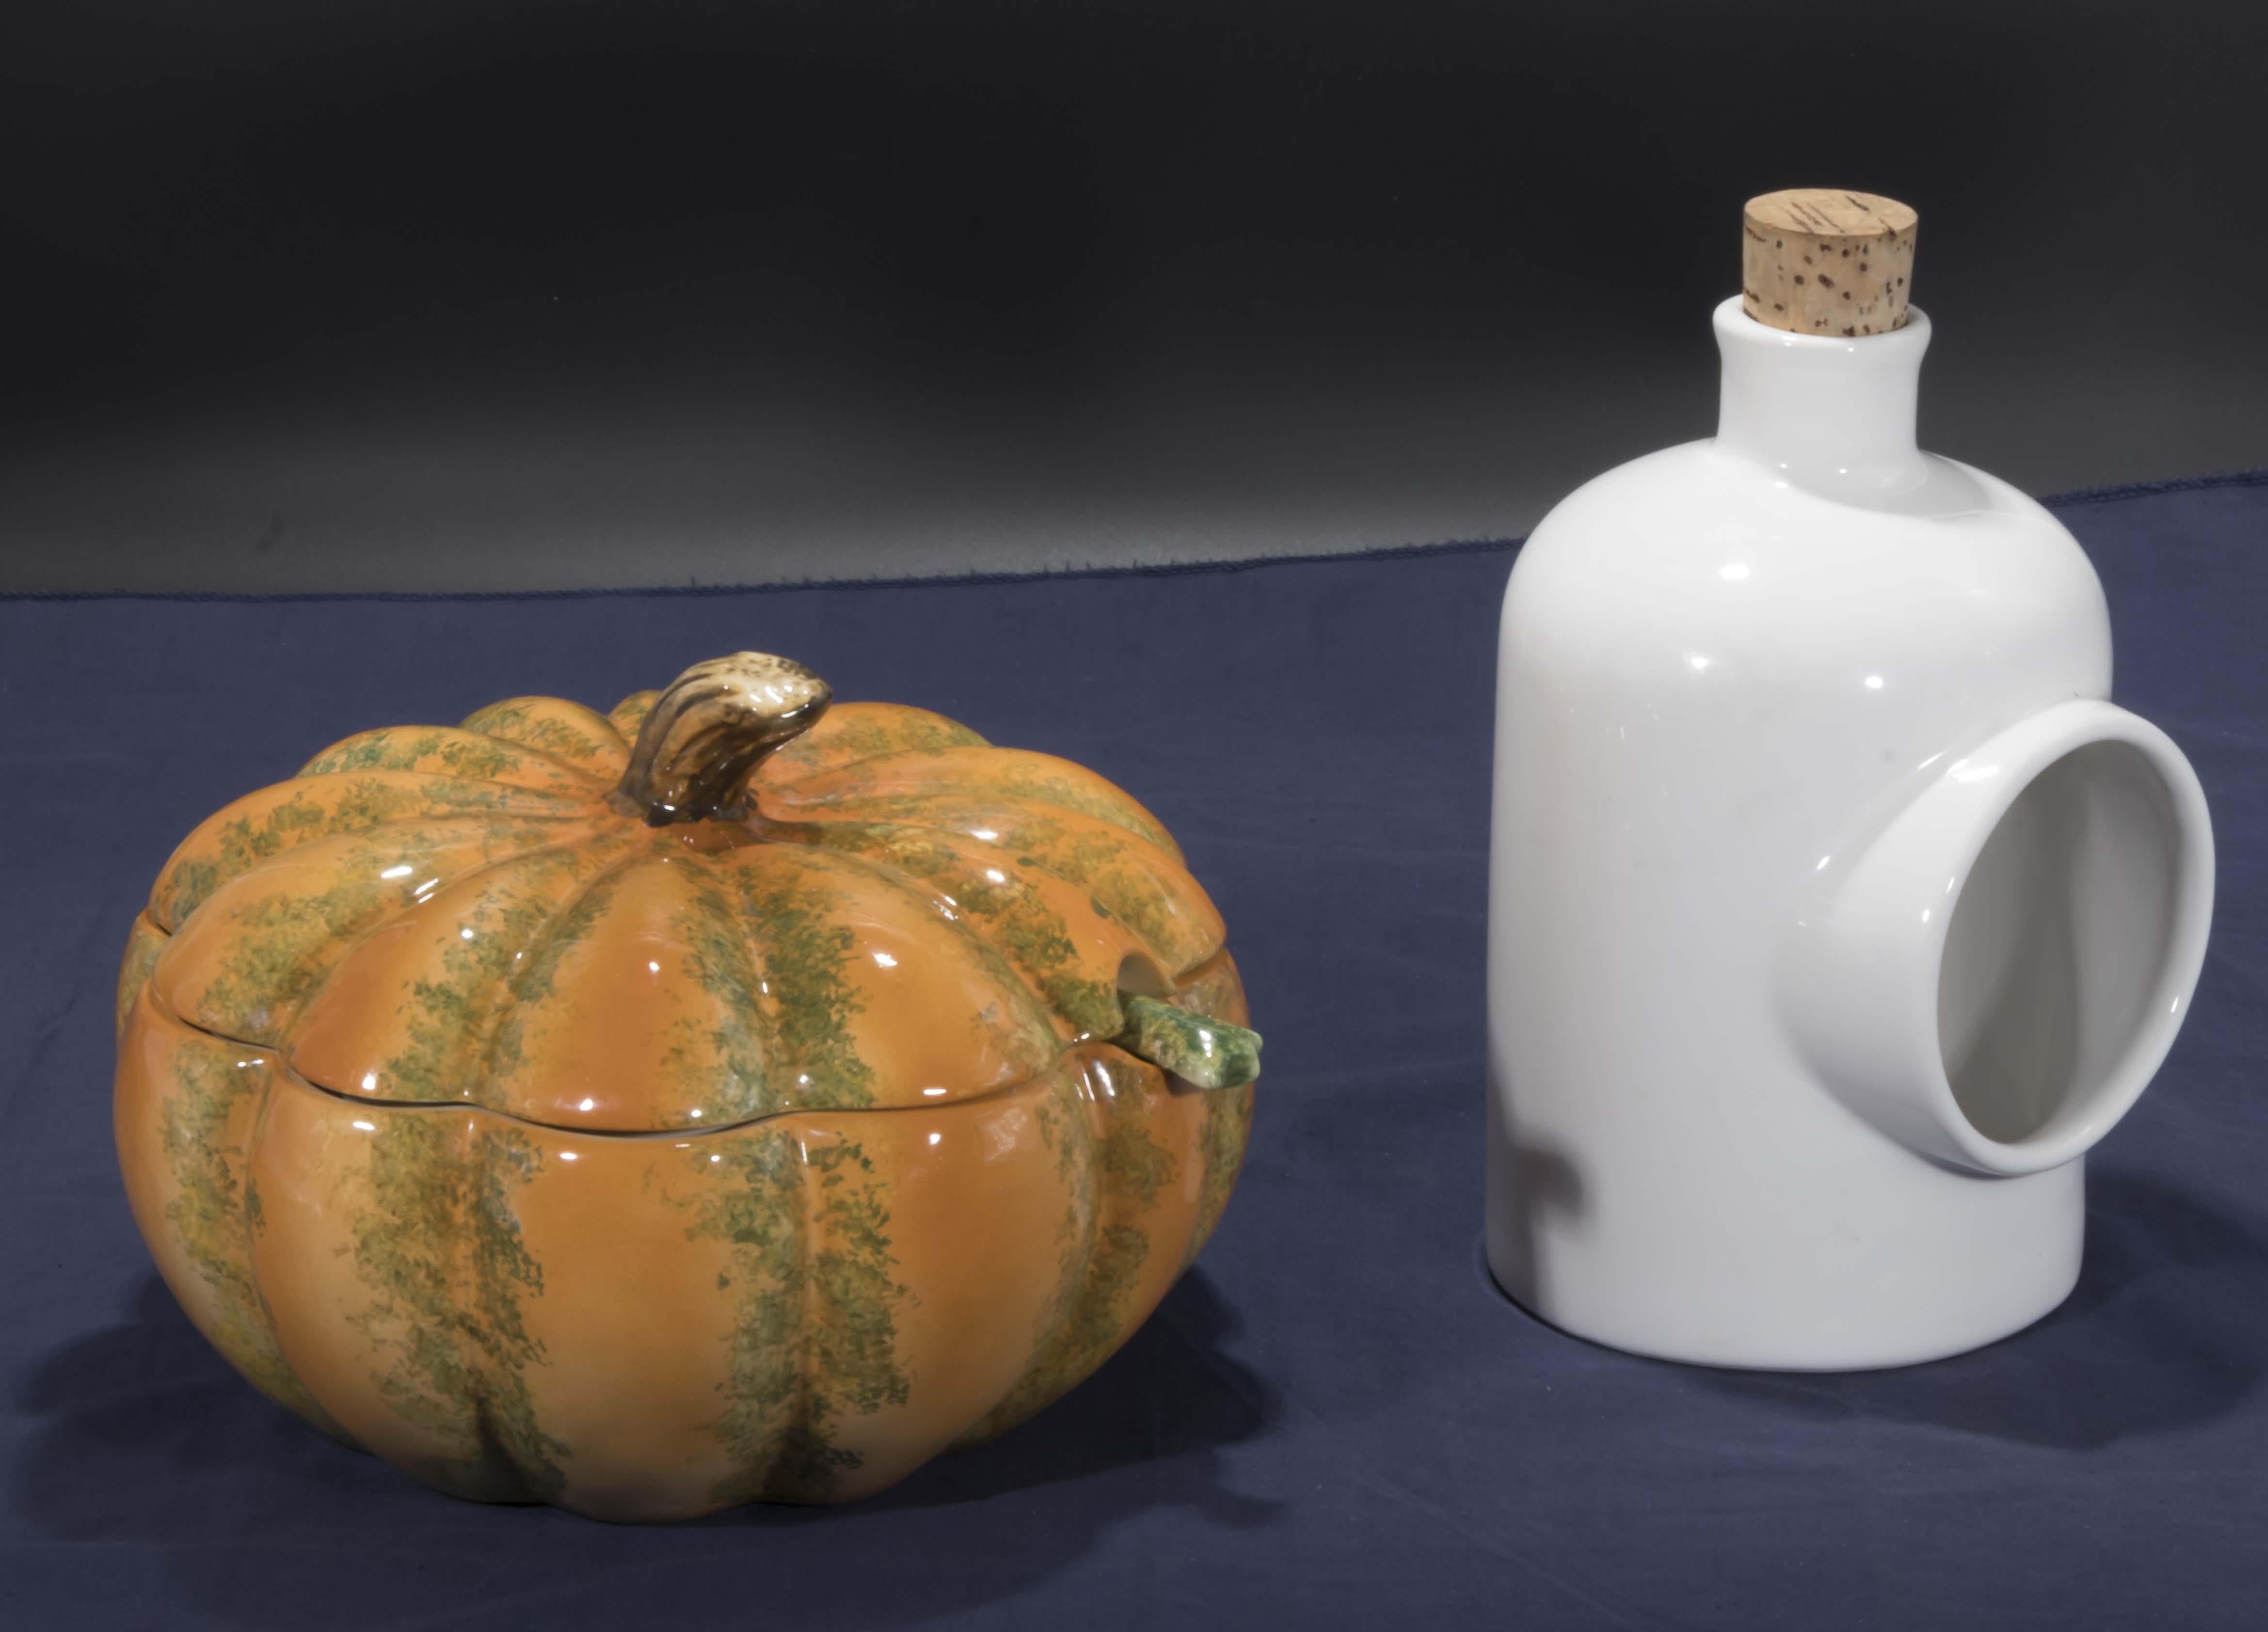 Lot 34 - A pumpkin soup tureen and a salt pig